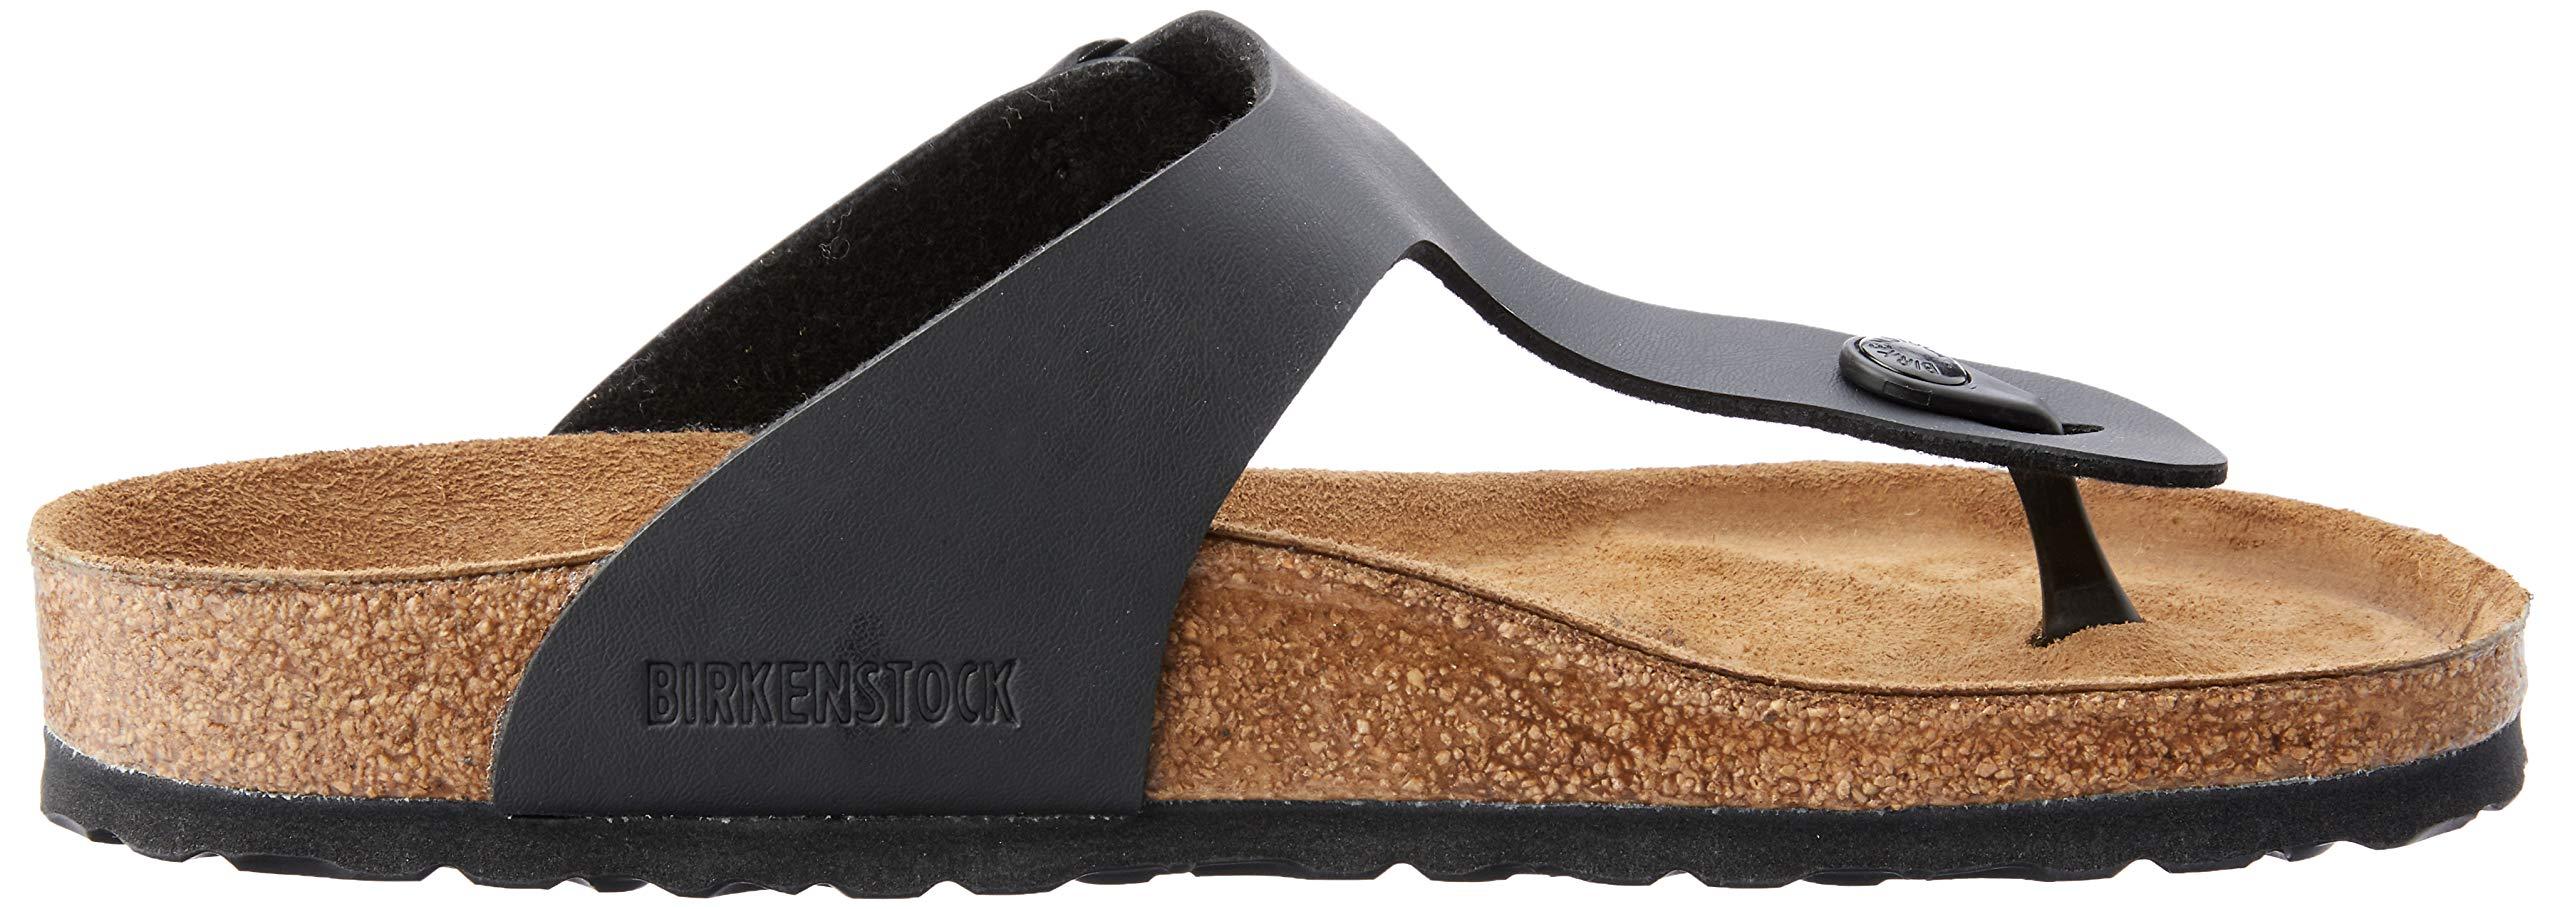 Birkenstock-Women-039-s-Gizeh-Thong-Sandals thumbnail 3